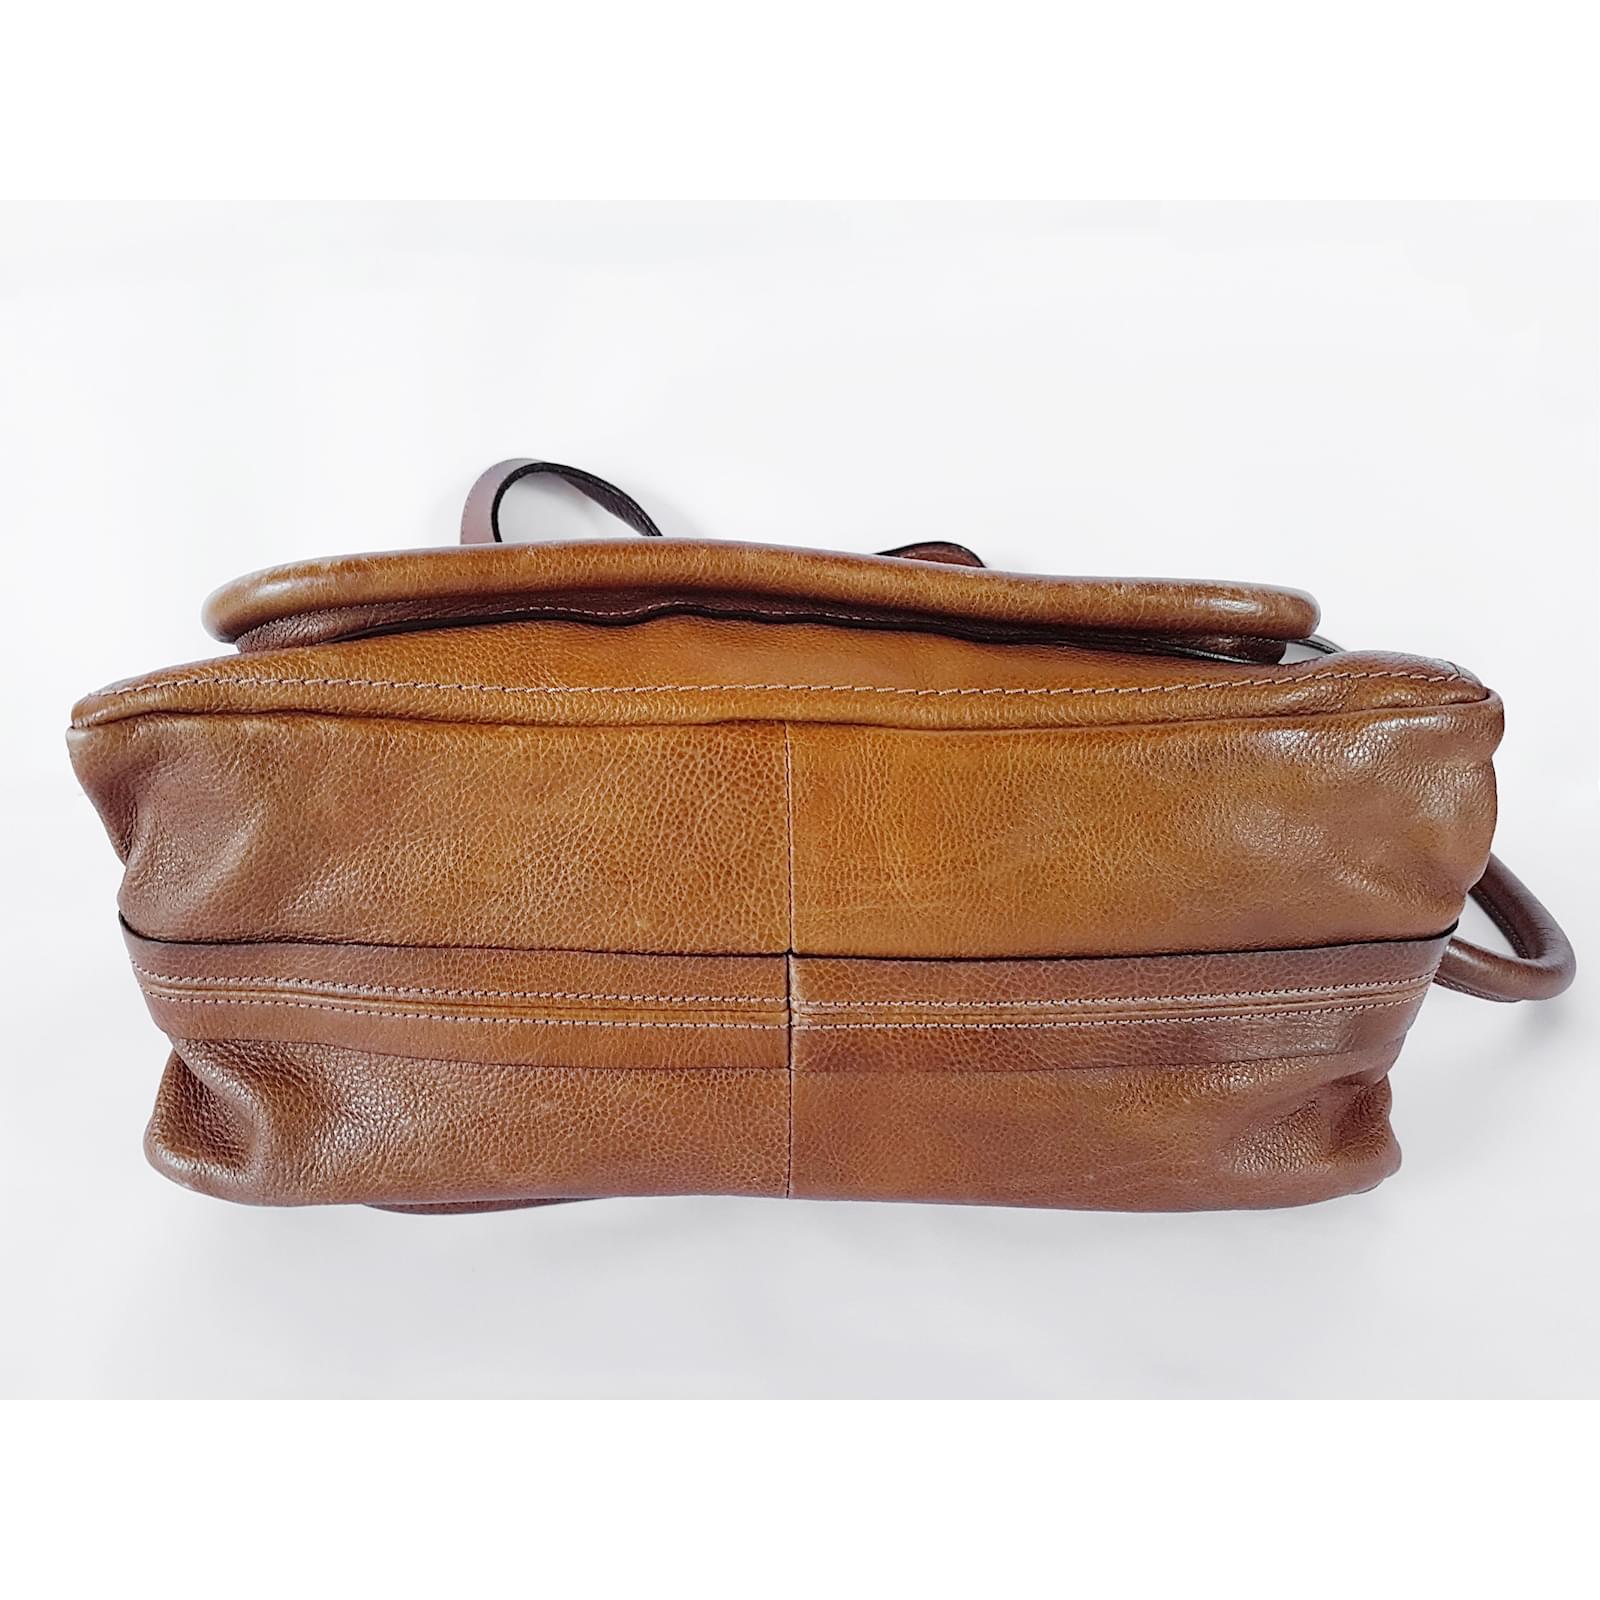 Chloé Paraty mittlere Tasche Handtaschen Leder Braun ref